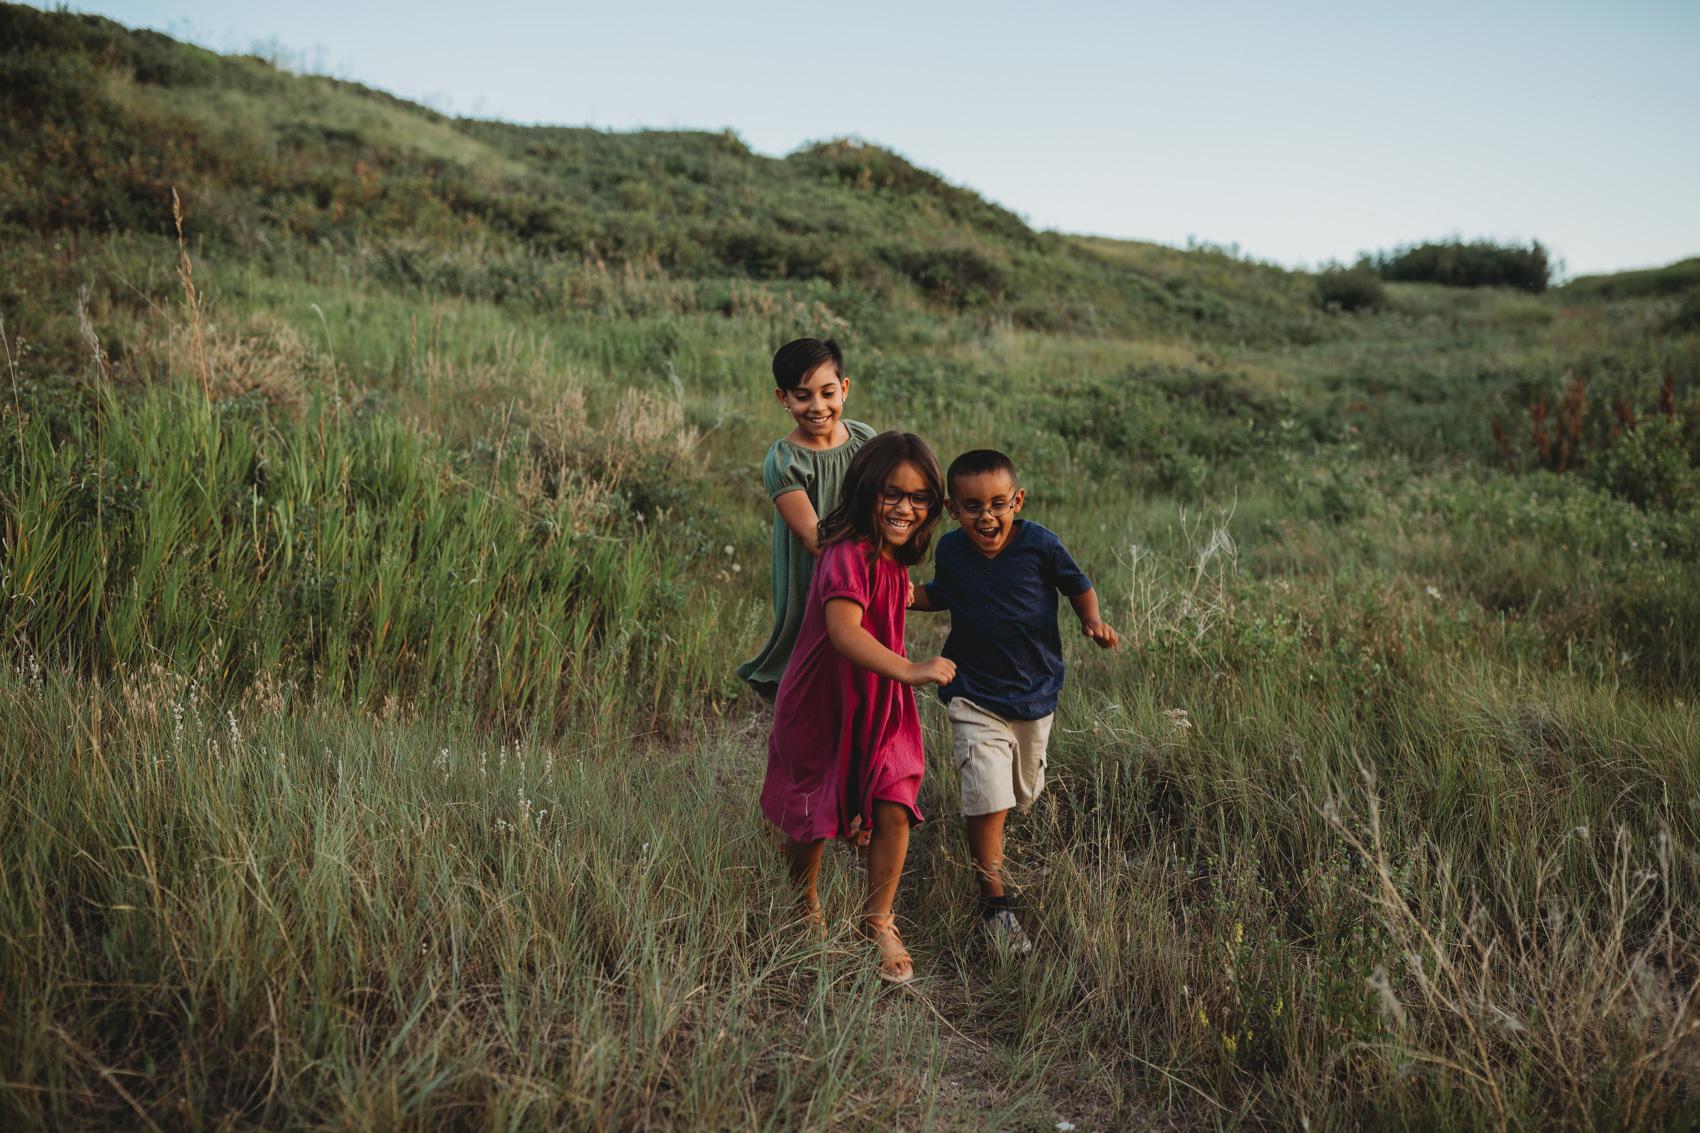 Sandoval_Great-Falls-Montana-Family-Photos-7.jpg